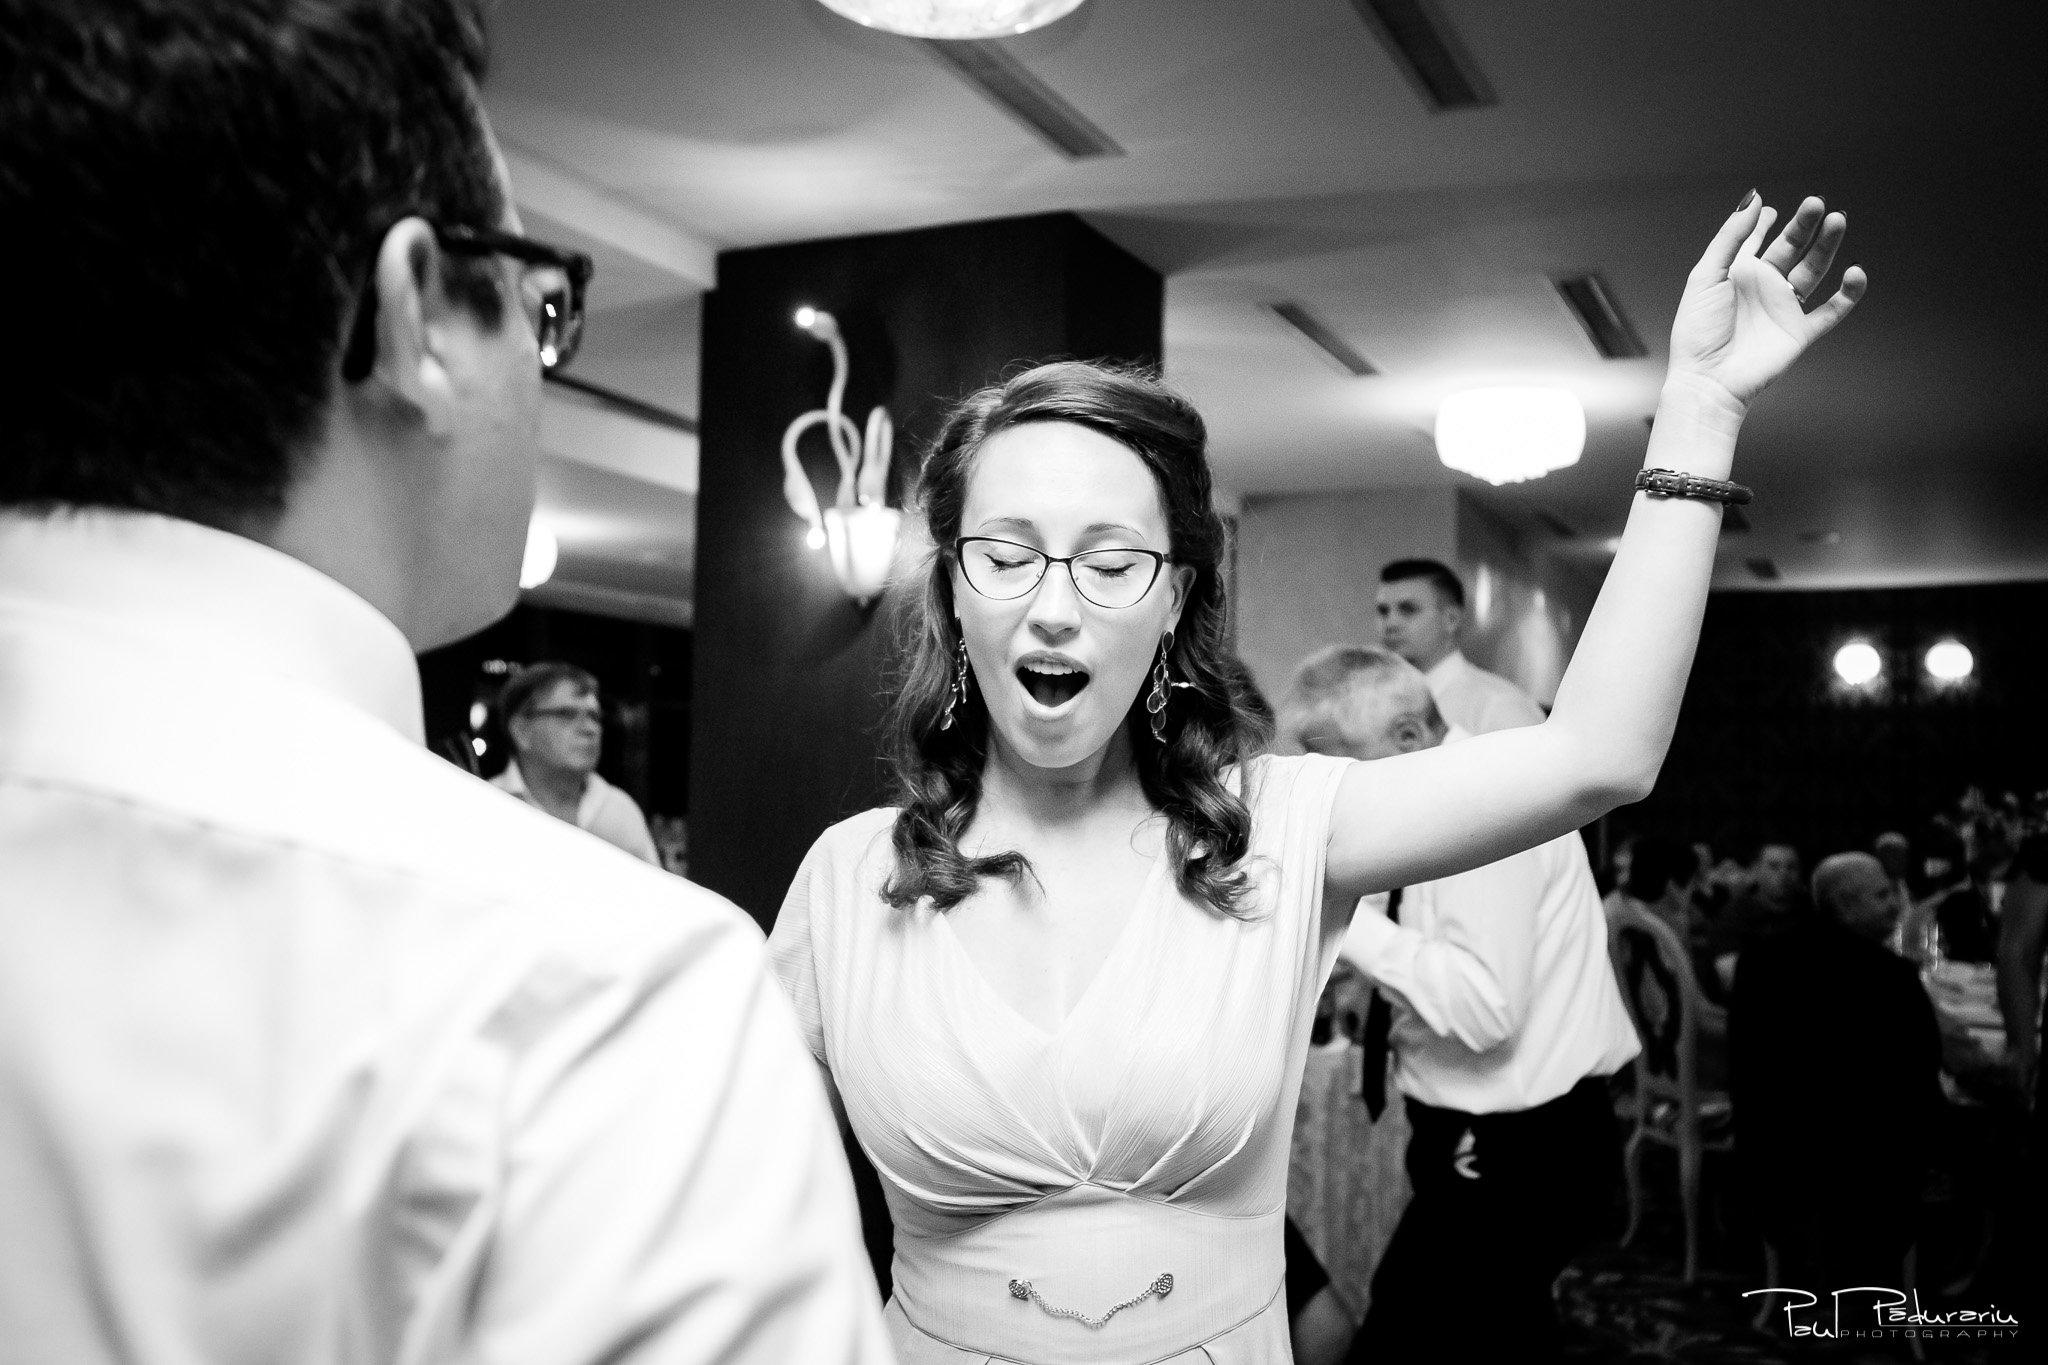 Nunta la Pleiada Iasi Alexandra si Vlad dans invitati petrecere 5 www.paulpadurariu.ro © 2017 Paul Padurariu fotograf de nunta iasi